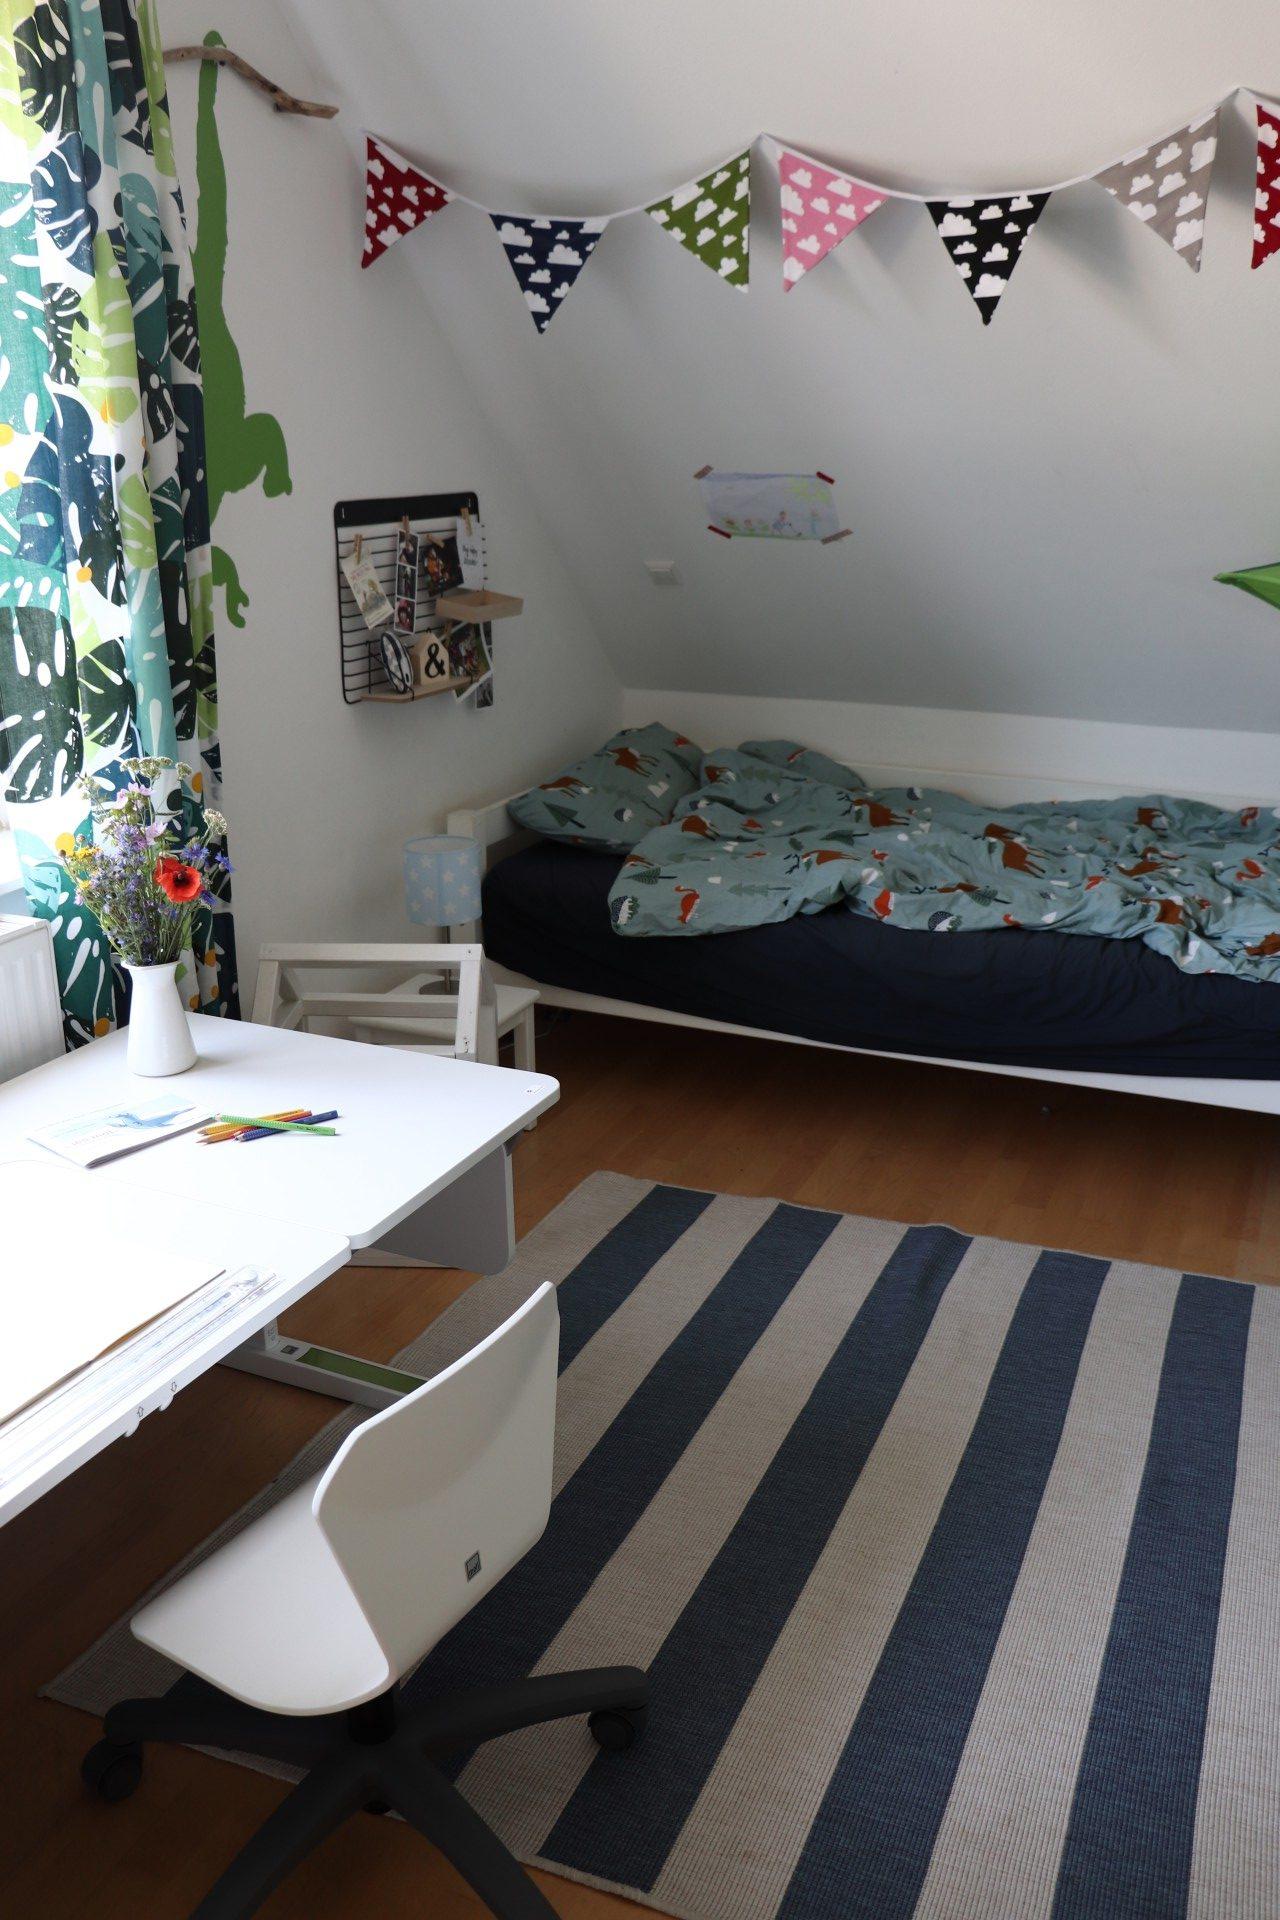 Full Size of Kinderzimmer Jungen Grundschulkind Junge Lavendelblog Regal Weiß Sofa Regale Kinderzimmer Kinderzimmer Jungen